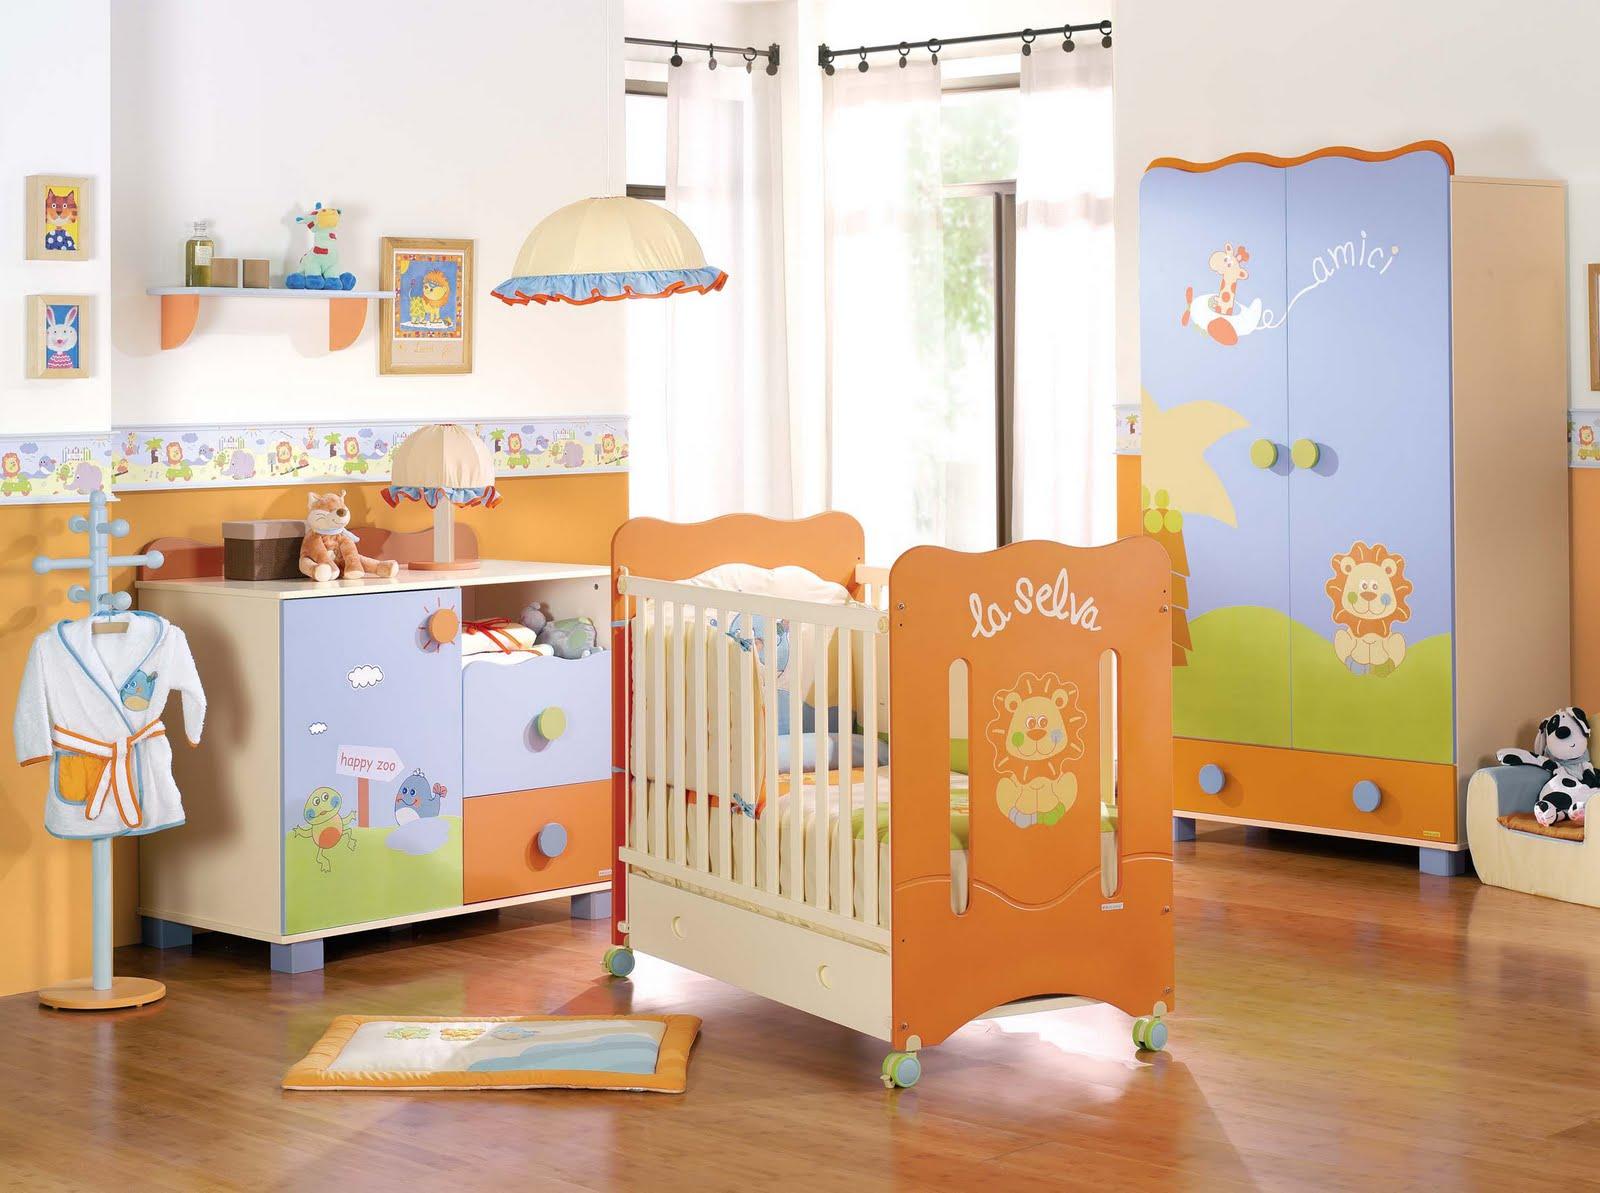 Mobiliario bebe online mobiliario juvenil infantil for Mobiliario habitacion bebe